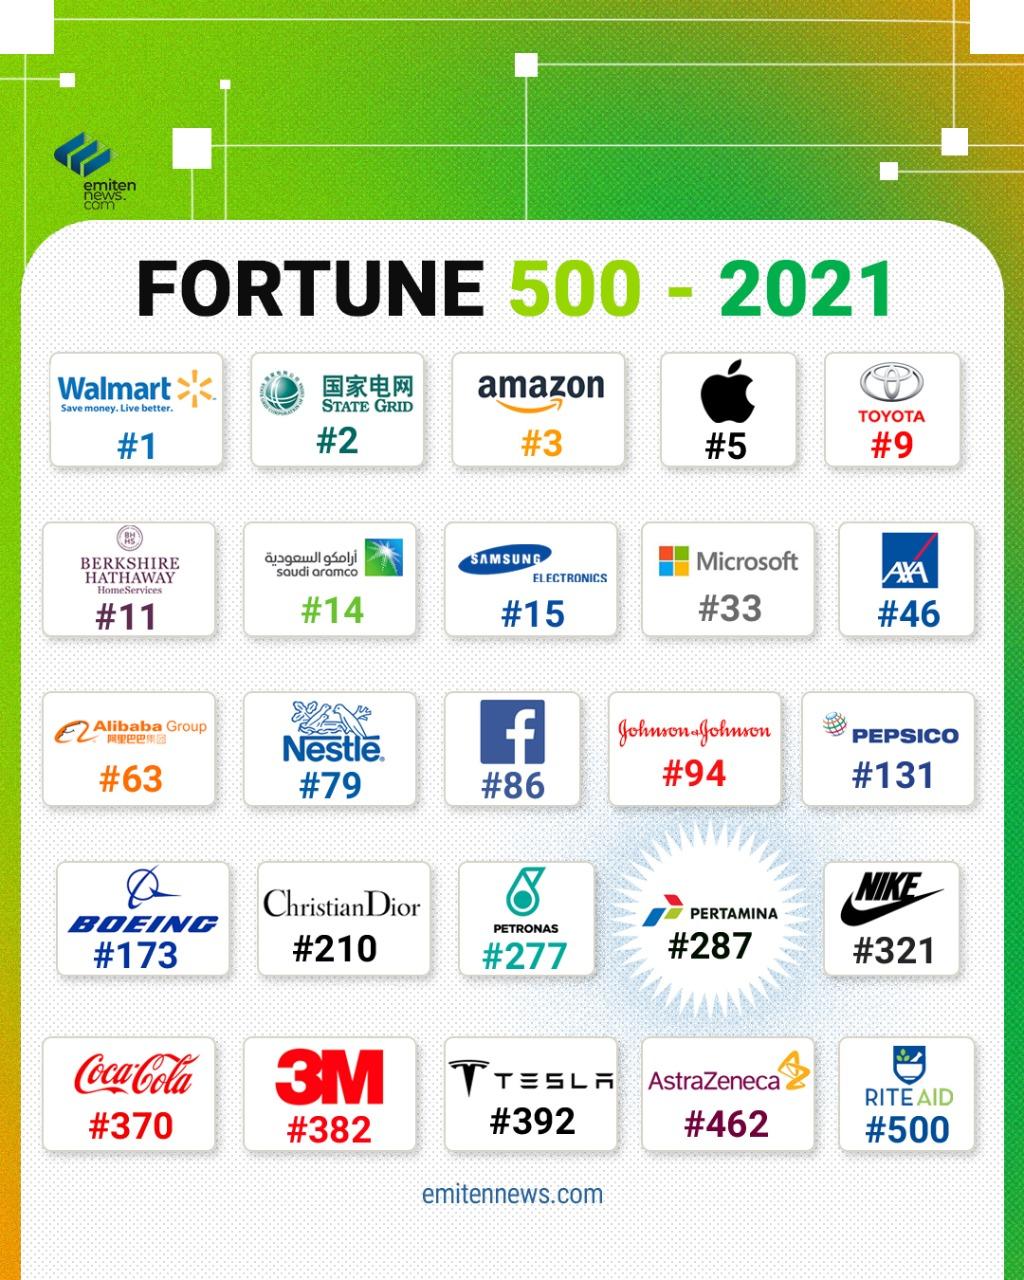 FORTUNE 500 - 2021